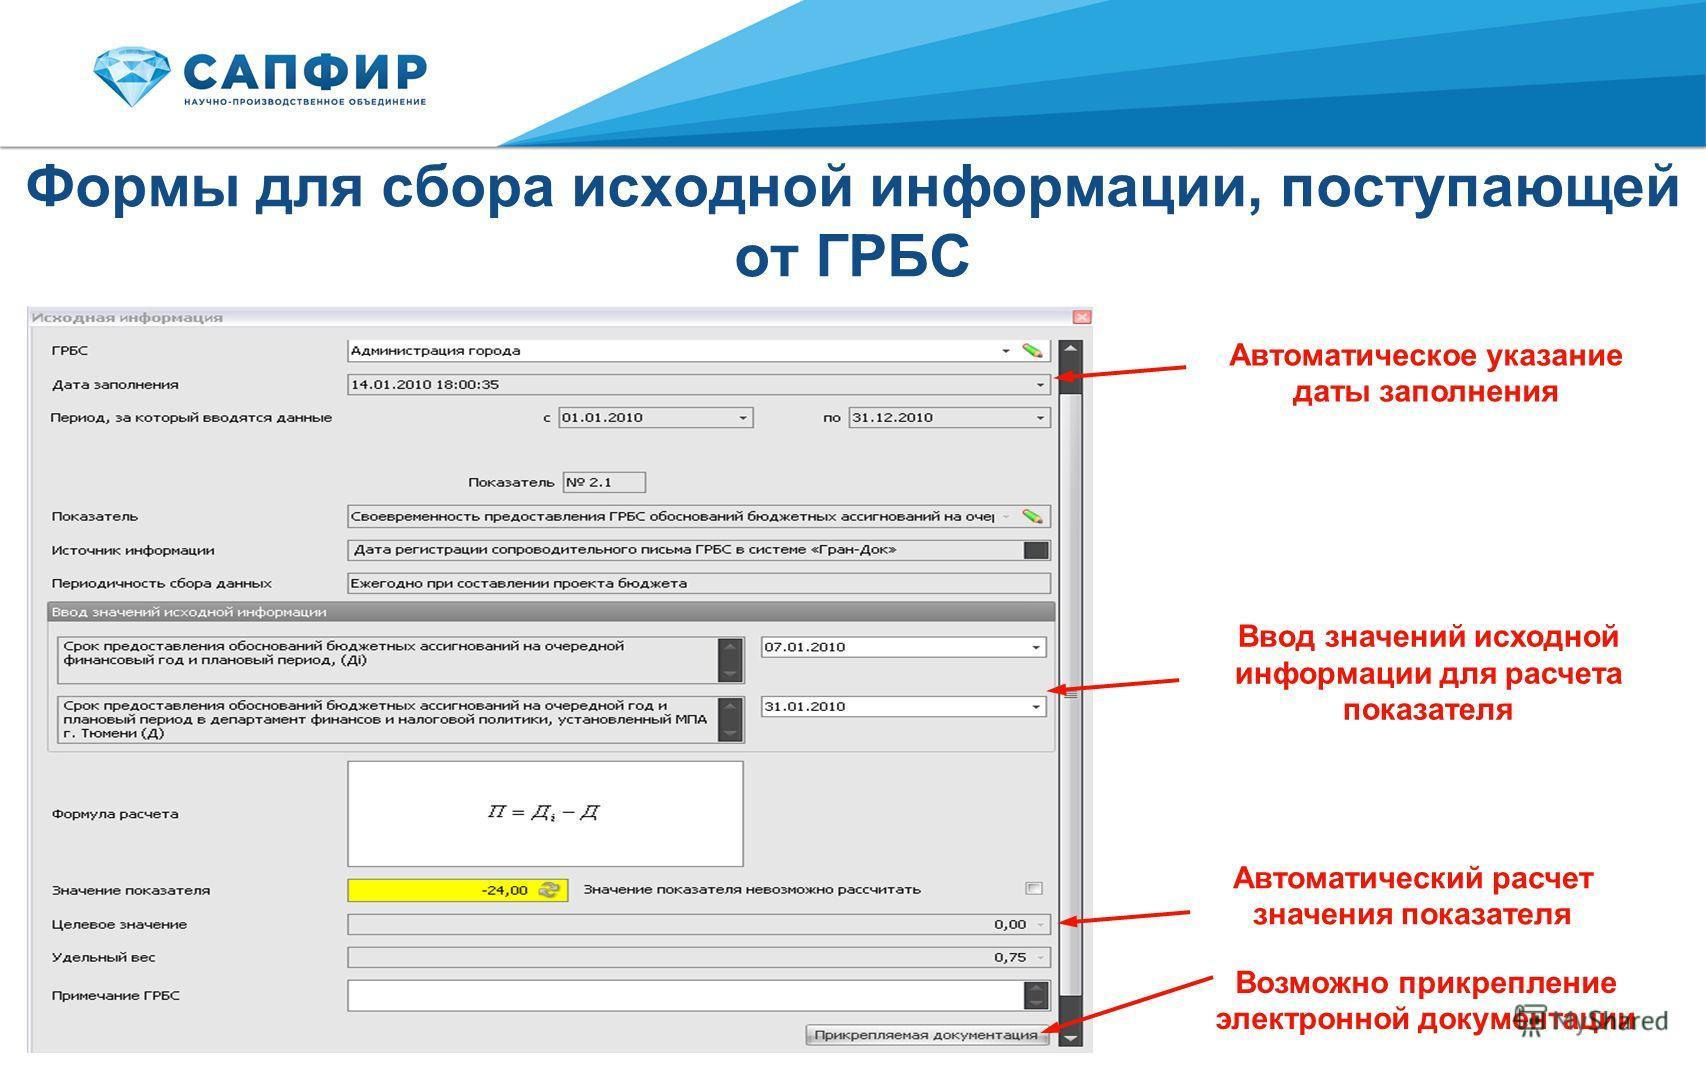 Формы для сбора исходной информации, поступающей от ГРБС Ввод значений исходной информации для расчета показателя Автоматическое указание даты заполнения Автоматический расчет значения показателя Возможно прикрепление электронной документации